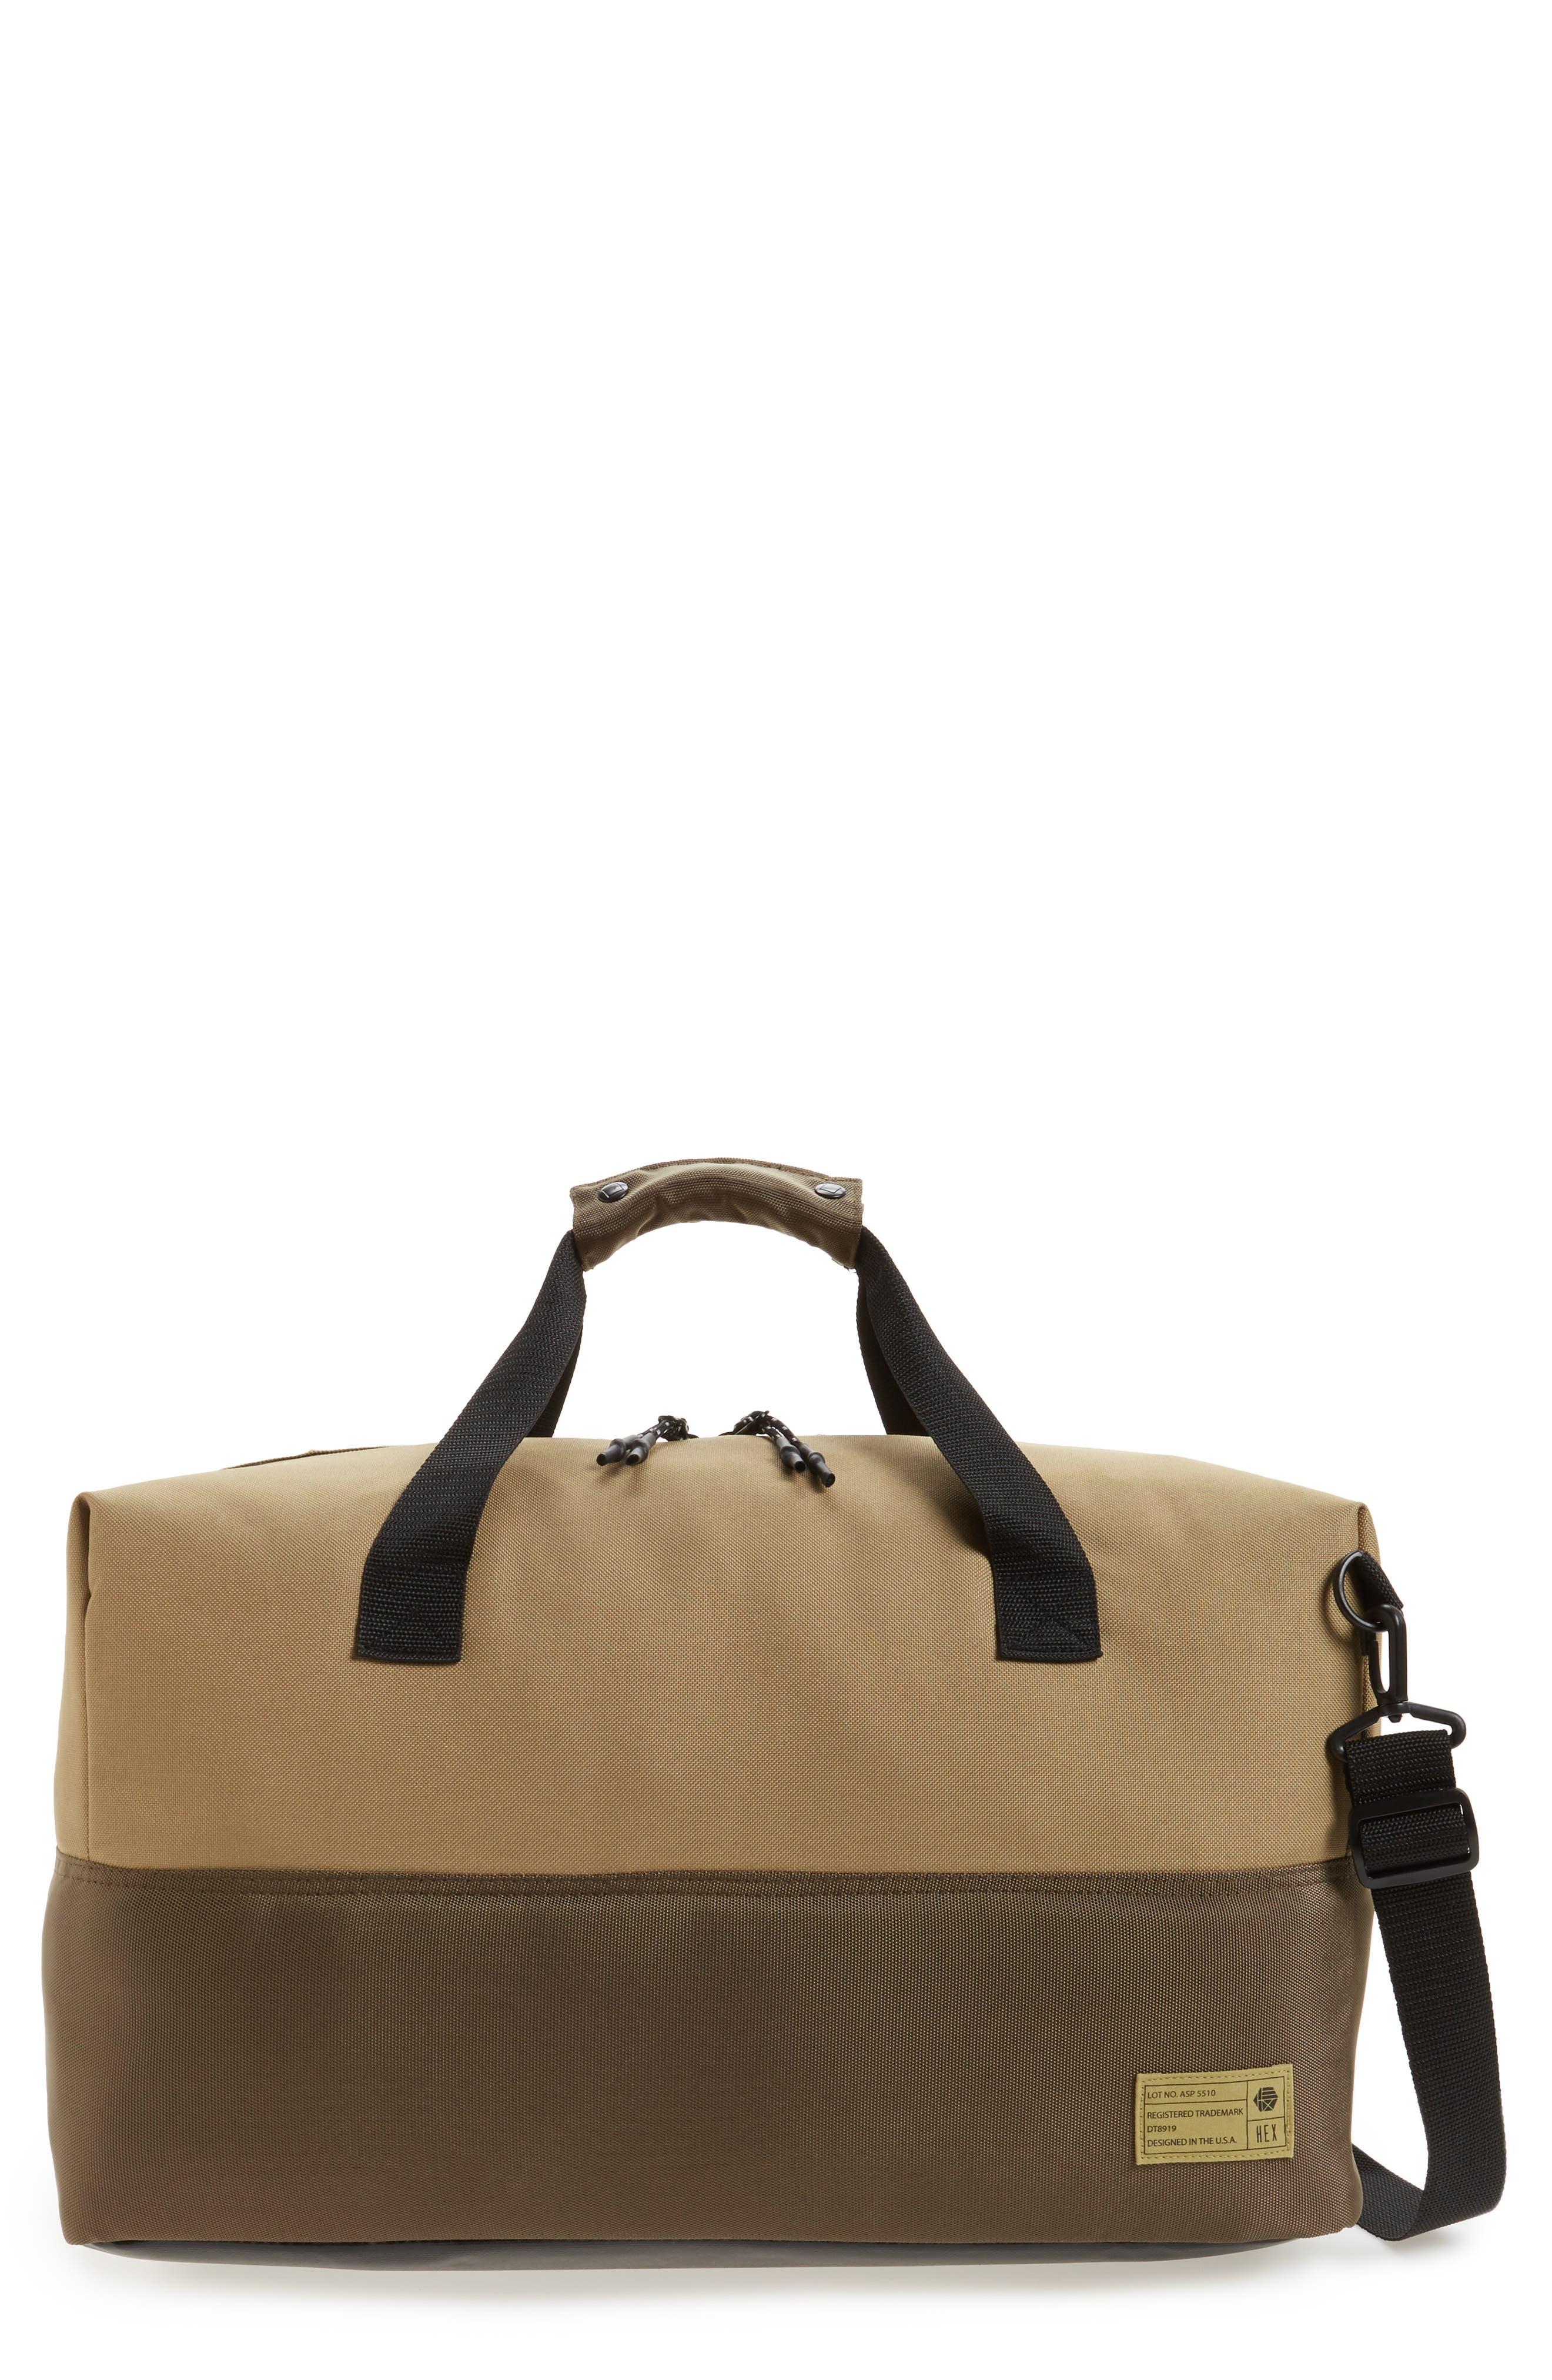 Alternate Image 1 Selected - HEX Aspect Duffel Bag